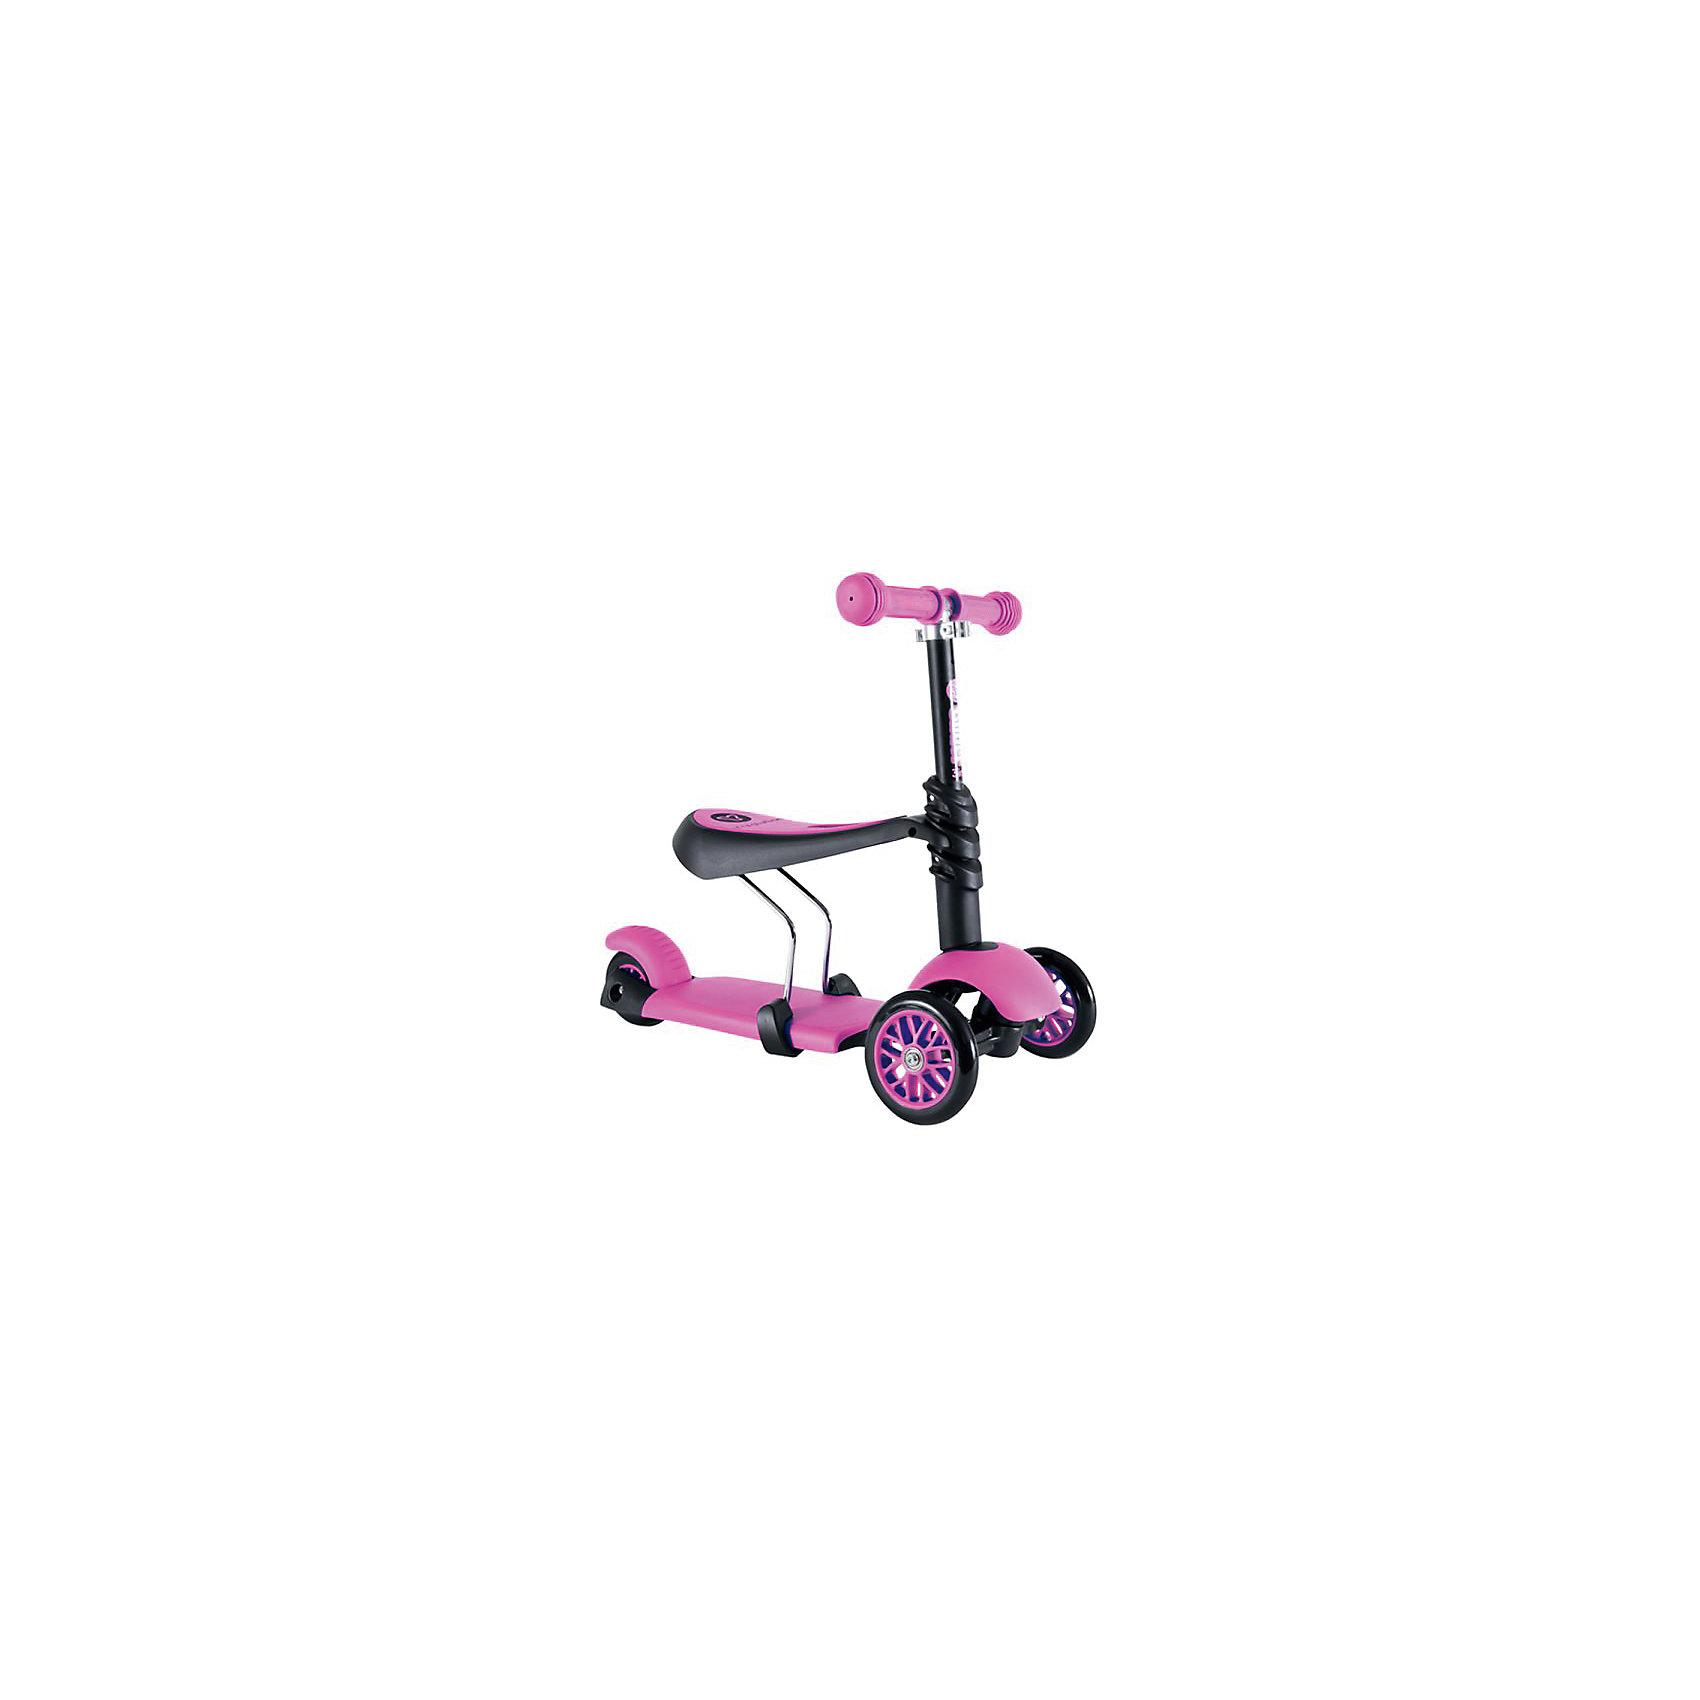 Трехколесный самокат Y-volution Glider 3 в 1, розовыйСамокаты<br>Характеристики товара:<br><br>• возраст: от 1,5 лет;<br>• максимальная нагрузка: 20 кг;<br>• материал: металл, пластик;<br>• регулируемый руль;<br>• диаметр передних колес: 120 мм;<br>• материал колес: полиуретан;<br>• подшипник АВЕС 3;<br>• ножной тормоз;<br>• вес самоката: 3,2 кг;<br>• размер упаковки: 60х41х65 см;<br>• вес упаковки: 3,2 кг;<br>• страна производитель: Китай.<br><br>Трехколесный самокат-трансформер Glider 3 в 1 Yvolution розовый разнообразит детскую прогулку на свежем воздухе, научит малыша координировать движения и держать равновесие. Самокат трансформируется в зависимости от возраста ребенка и может использоваться в 3 вариантах. <br><br>Для детей, которые только начинают кататься на самокате, на него устанавливается удобное сидение. Сидя на нем, малыш отталкивается ножками от земли и учится основным движениям. Для ребенка постарше сидение убирается, рулевая стойка поднимается, и самокат используется в классическом варианте. <br><br>Руль можно отрегулировать в зависимости от роста ребенка, адаптировав его под растущего малыша. Ручки руля покрыты нескользящими прорезиненными накладками. Дека с противоскользящей поверхностью гарантирует безопасное катание и препятствует соскальзывание во время езды. 2 передних колеса придают хорошей устойчивости. Ножной тормоз обеспечивает быстрое торможение перед препятствием.<br><br>Трехколесный самокат Glider 3 в 1 Yvolution розовый можно приобрести в нашем интернет-магазине.<br><br>Ширина мм: 600<br>Глубина мм: 410<br>Высота мм: 650<br>Вес г: 3200<br>Возраст от месяцев: 24<br>Возраст до месяцев: 2147483647<br>Пол: Женский<br>Возраст: Детский<br>SKU: 6679947